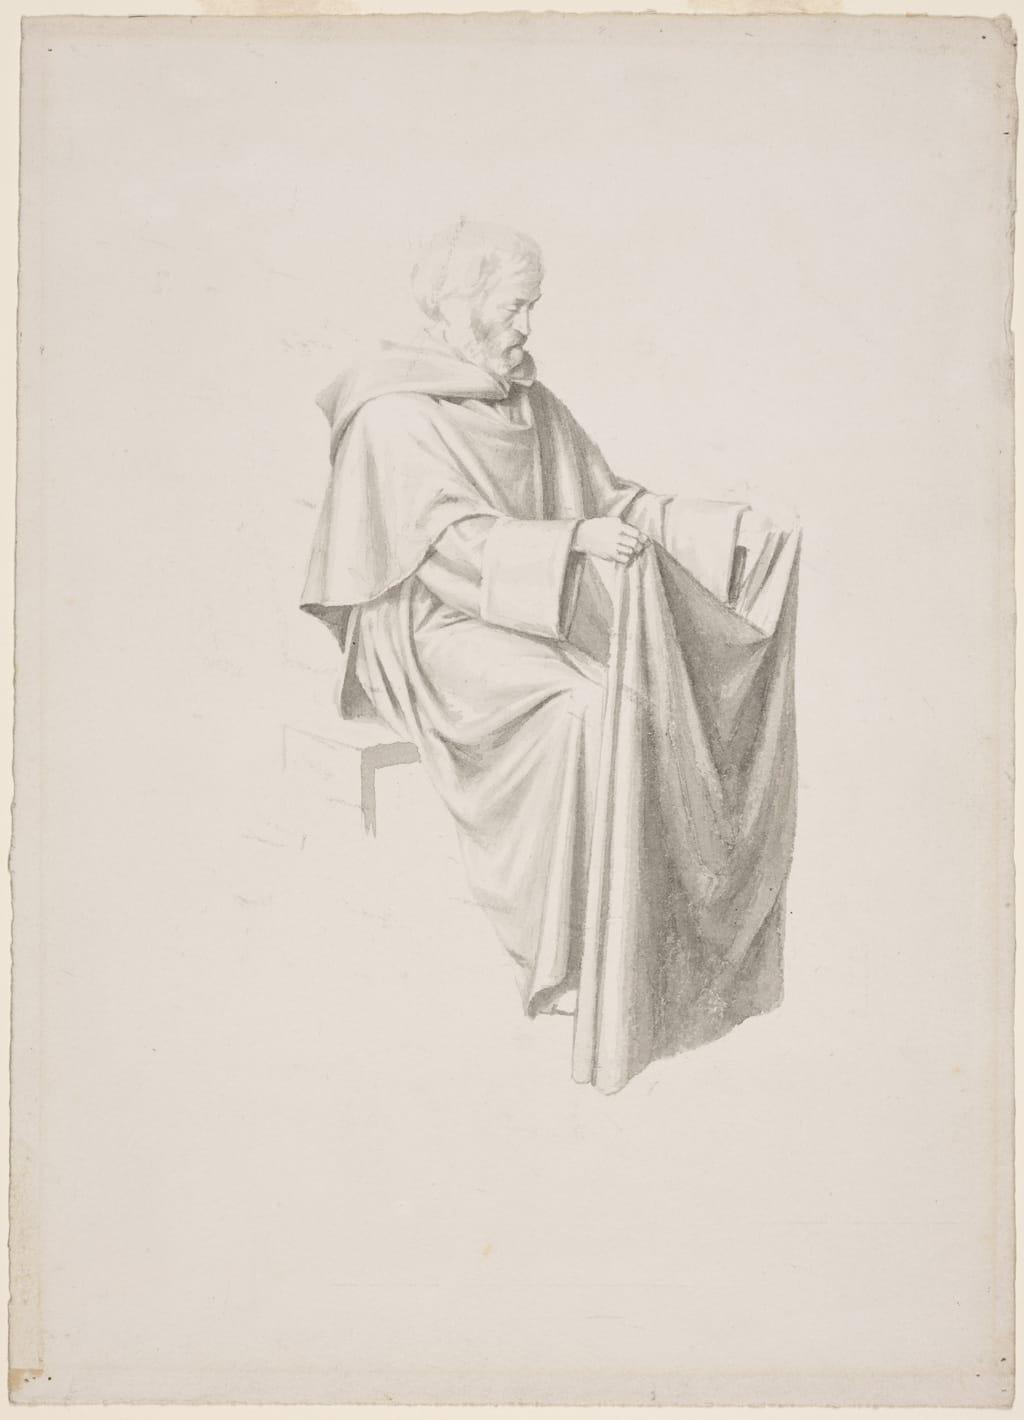 Dominicain assis tenant une étoffe. Étude pour « Saint Hyacinthe prend l'habit des mains de saint Dominique, à Rome » de la cathédrale de Saint-Hyacinthe